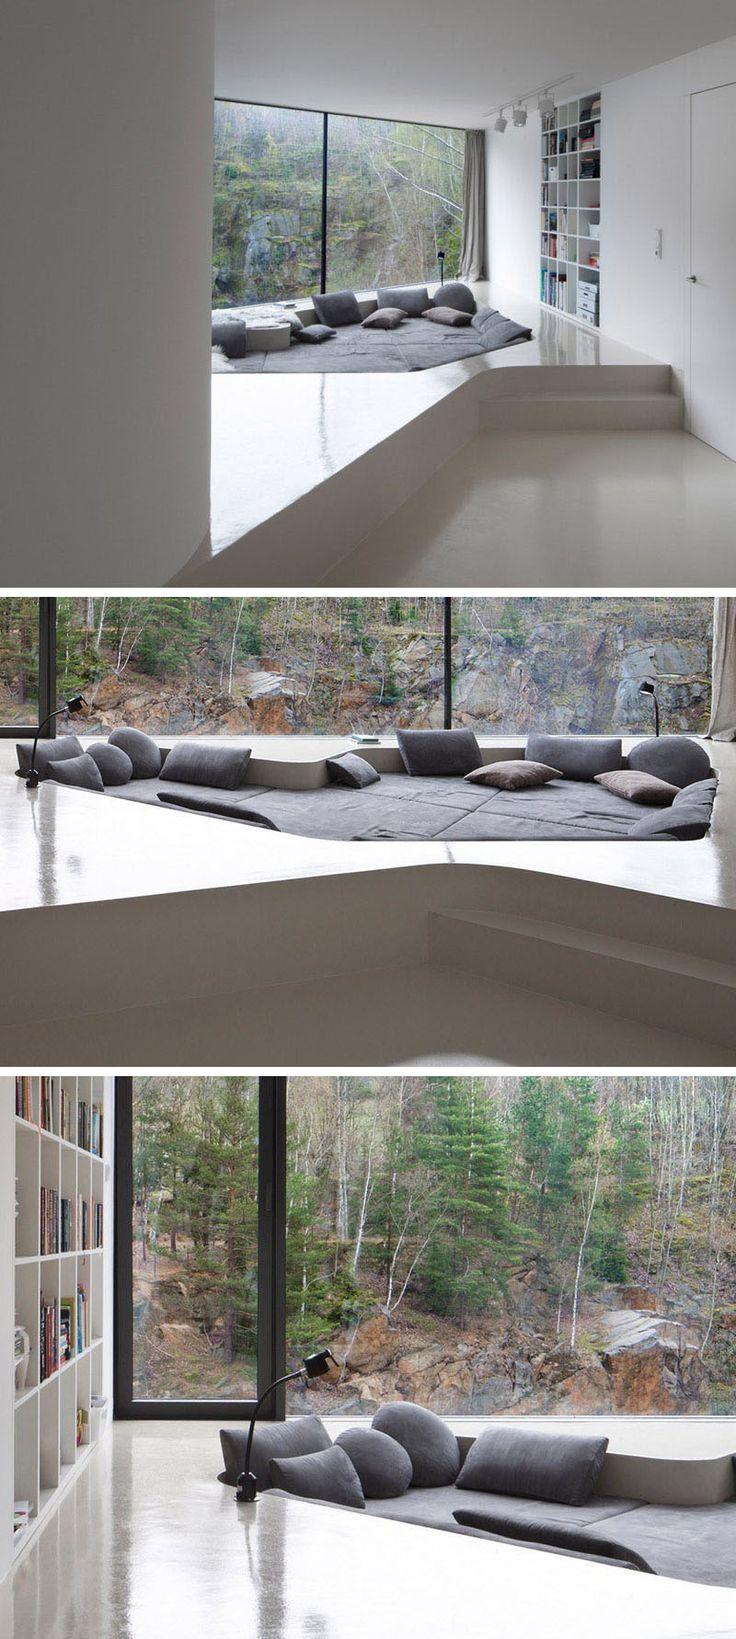 Dit huis middenin het bos in Tsjechië heeft de mooiste leeshoek ooit - Roomed